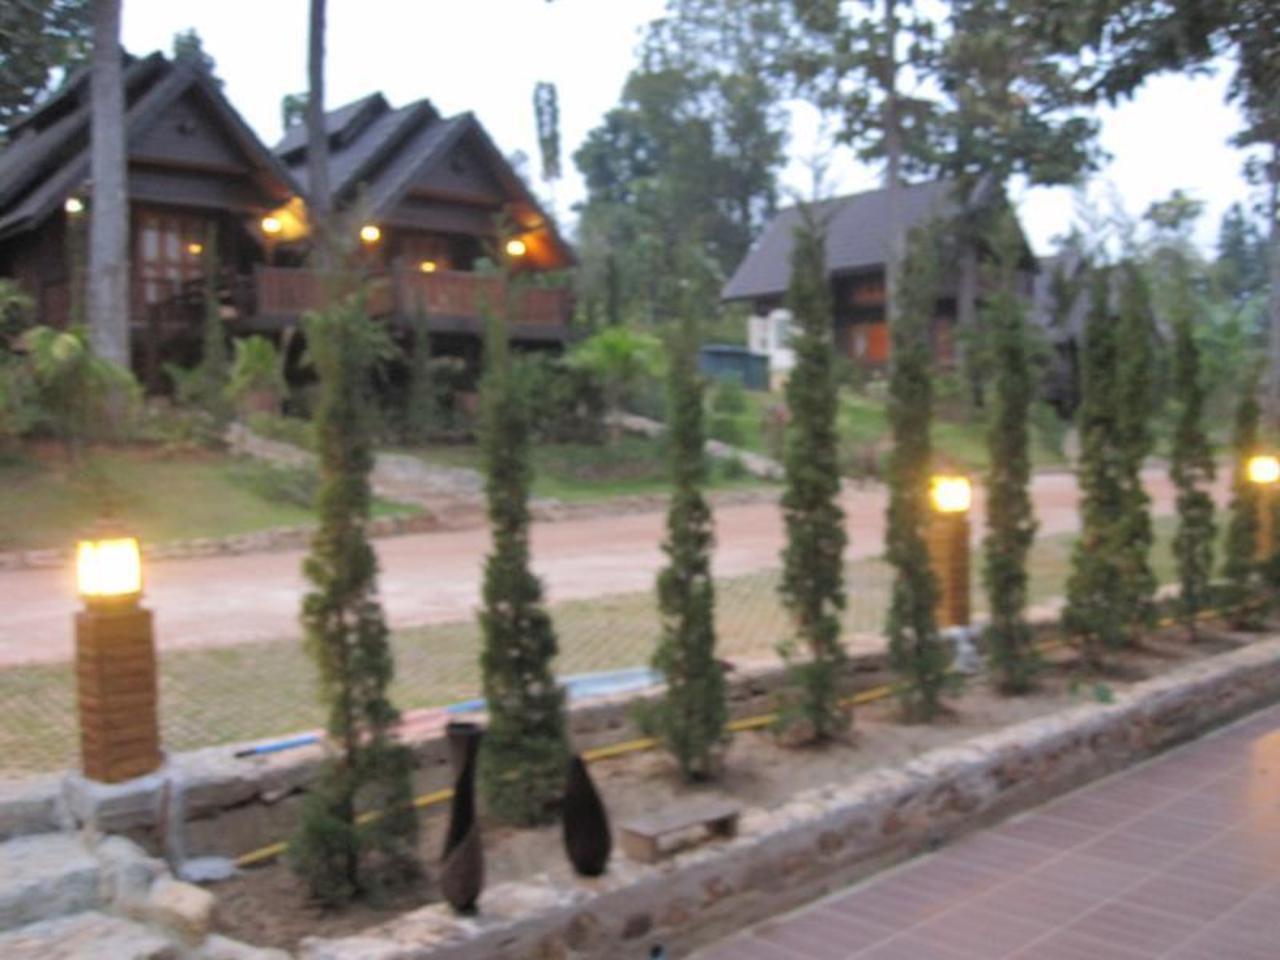 ม่อนเวียงคำ รีสอร์ท (Mon Vieng Kham Resort)